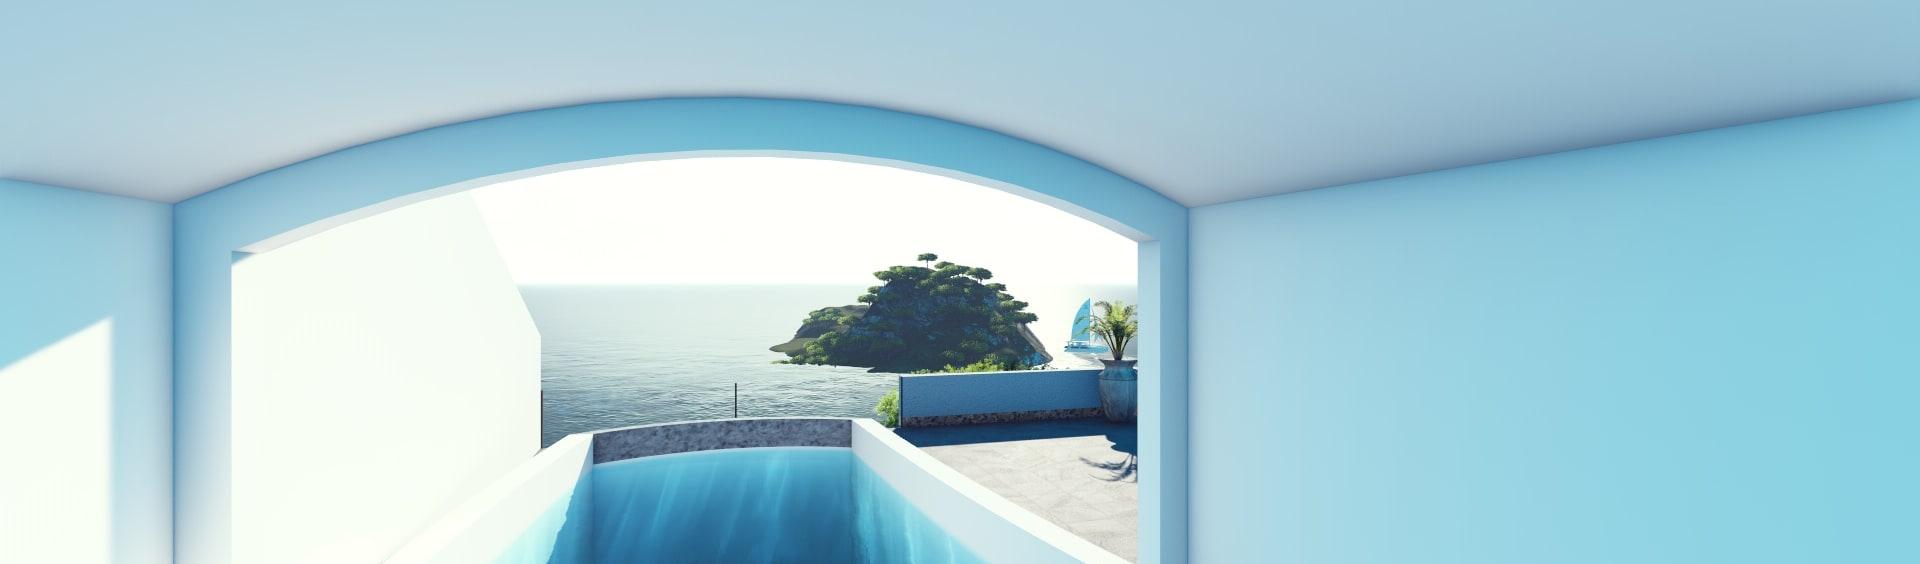 Jardin - Contemporain - Serris France Par Palma Concept | Homify avec Piscine Serris